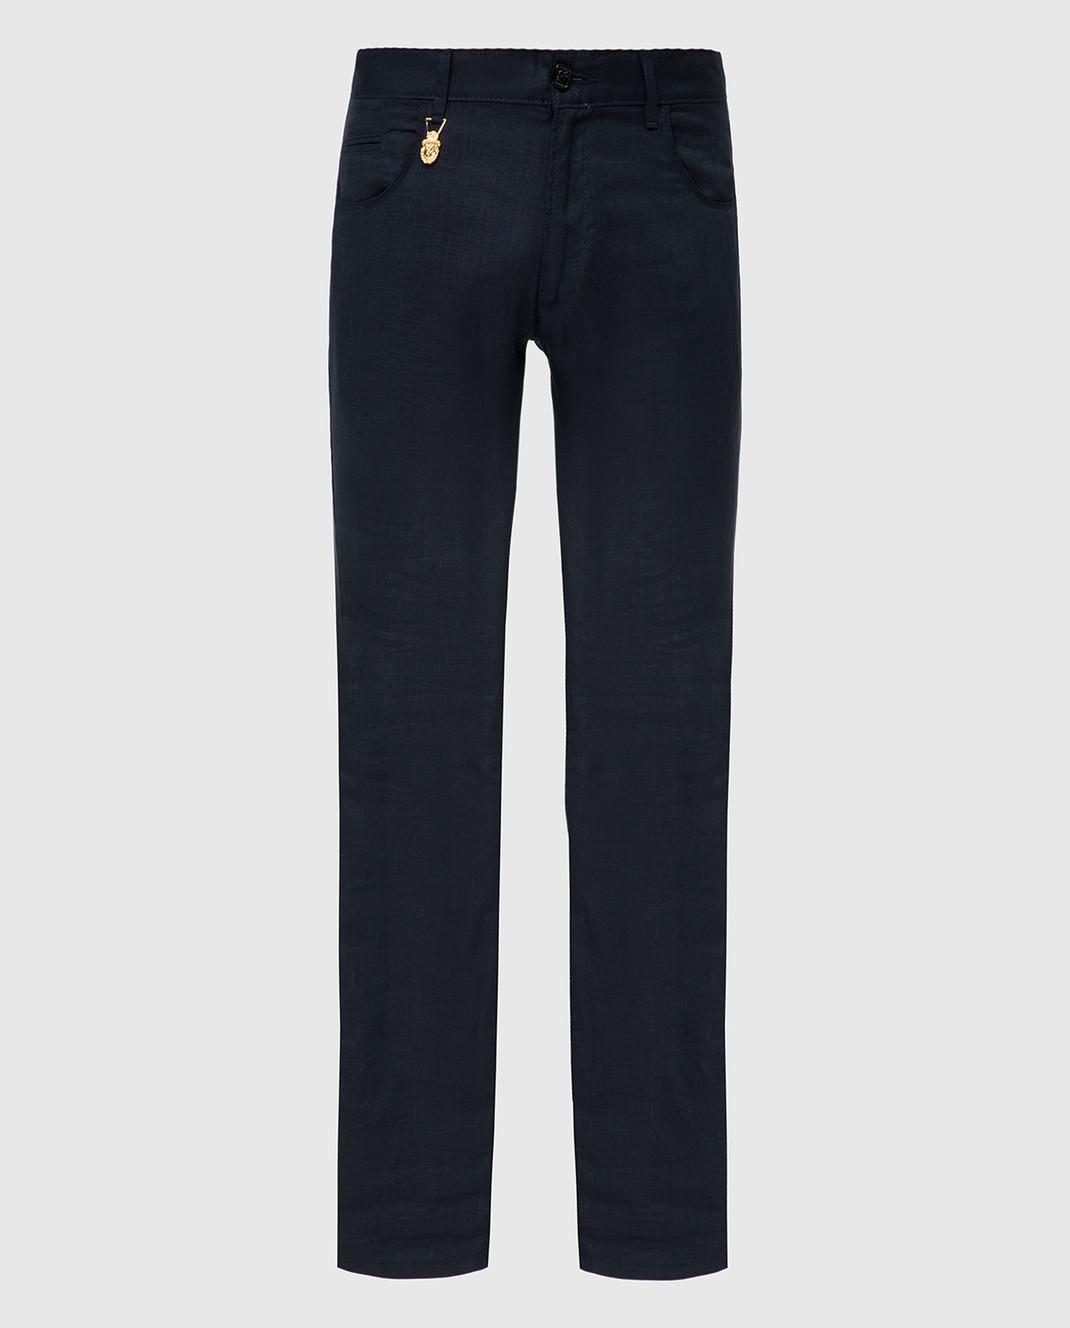 Billionaire Темно-синие брюки из льна MRT0546